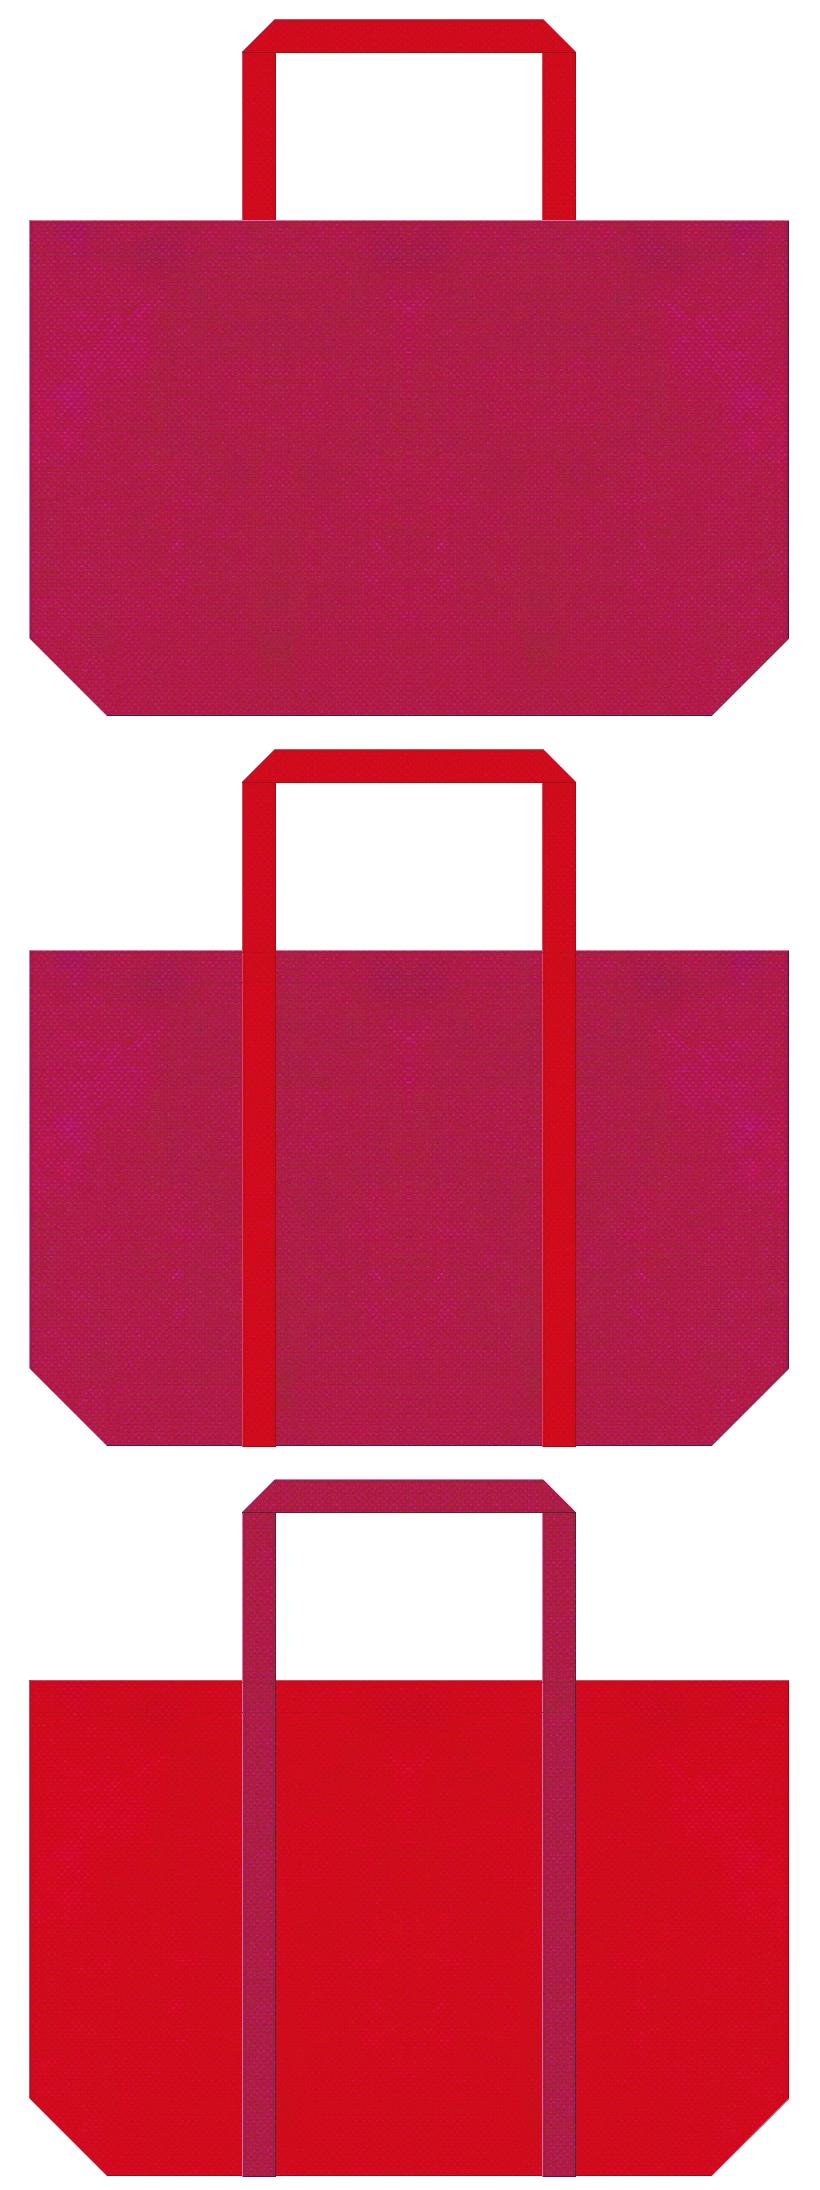 祇園・舞妓・絢爛・百花繚乱・花吹雪・茶会・和傘・邦楽演奏会・花火大会・観光・お祭り・法被・お正月・和風催事・福袋にお奨めの不織布バッグデザイン:濃いピンク色と紅色のコーデ